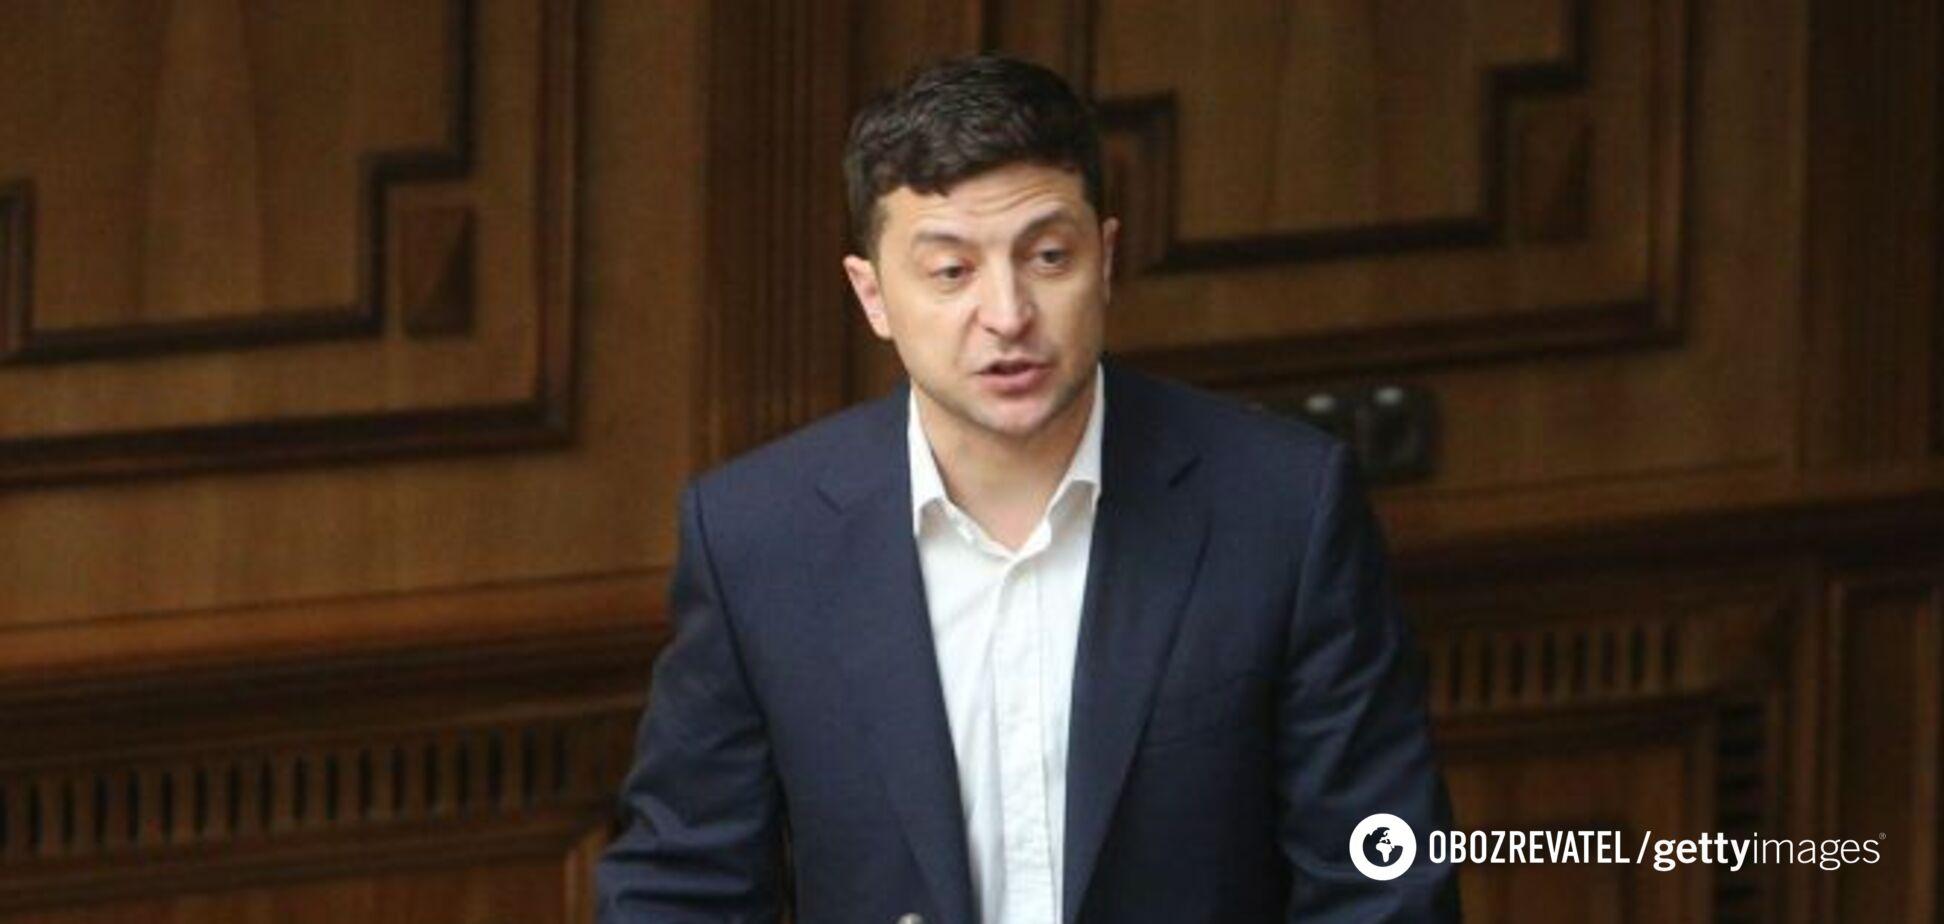 Зеленський звільнив 15 губернаторів і 6 регіональних керівників СБУ: хто вони